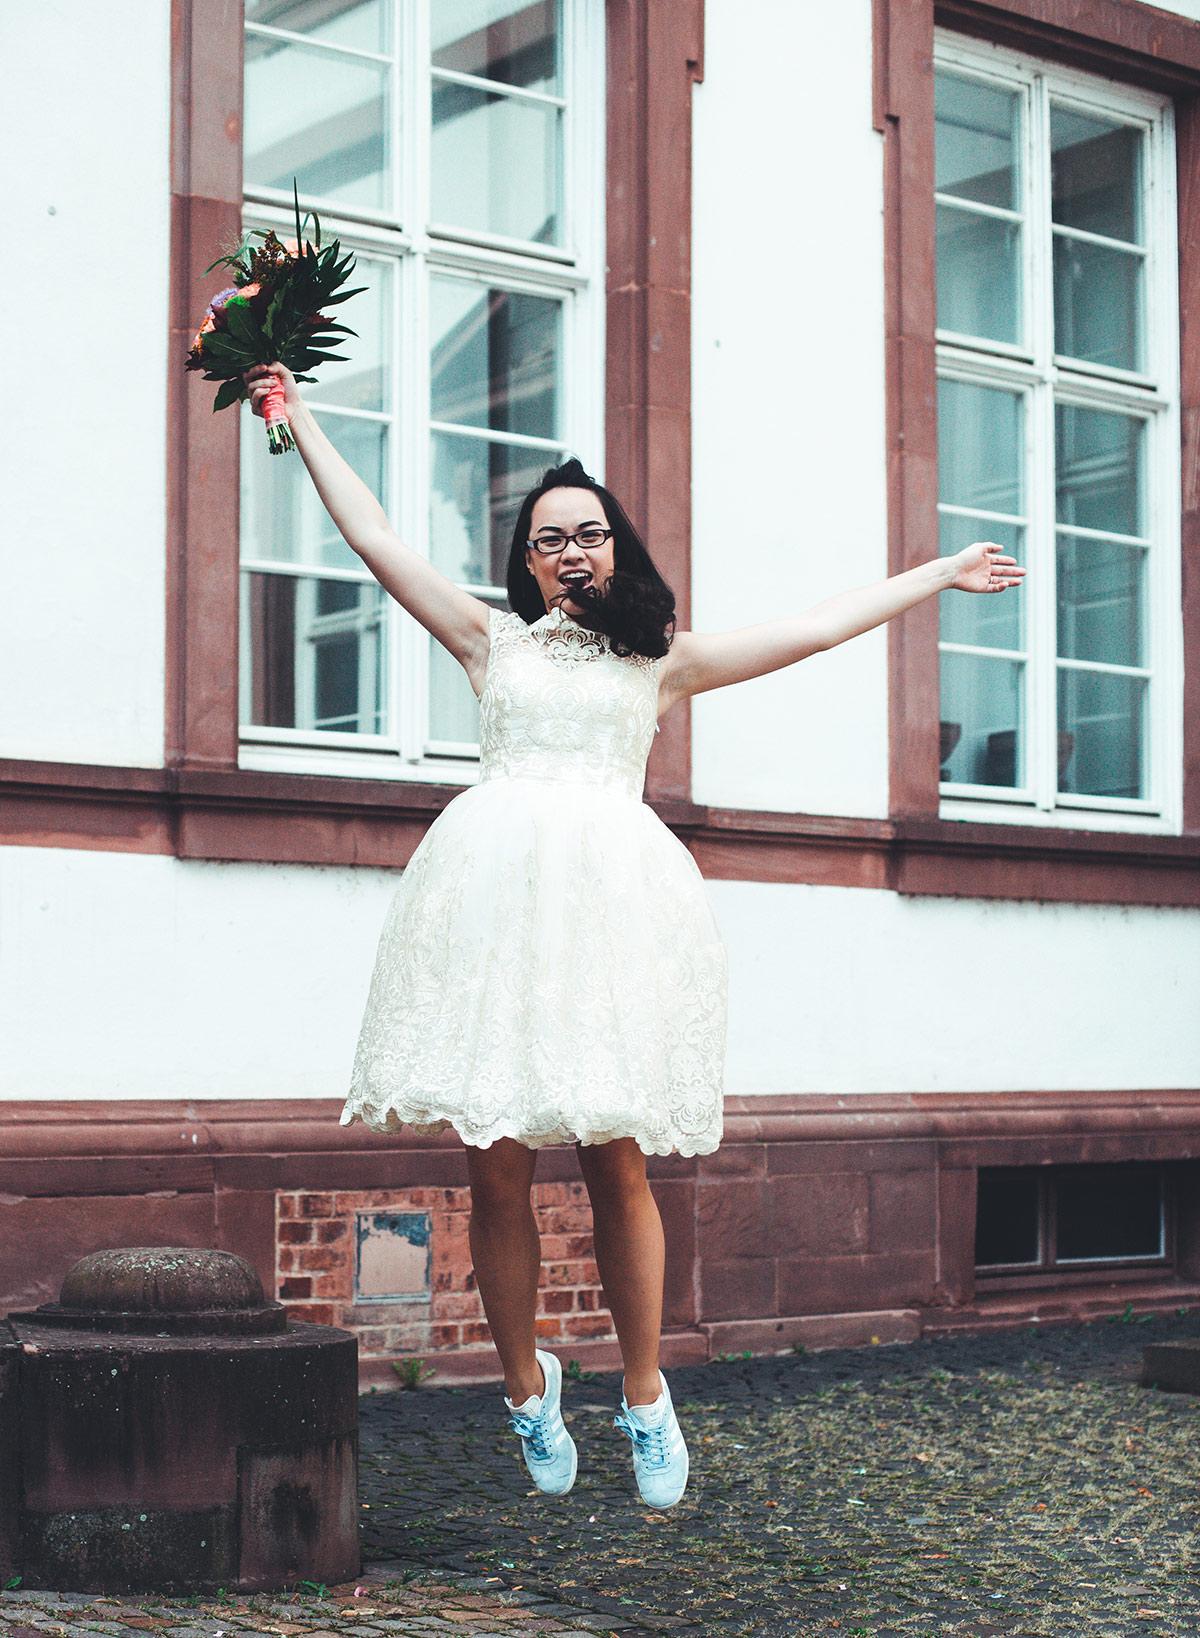 Groß Dressy Hose Passt Für Eine Hochzeit Bilder - Brautkleider Ideen ...